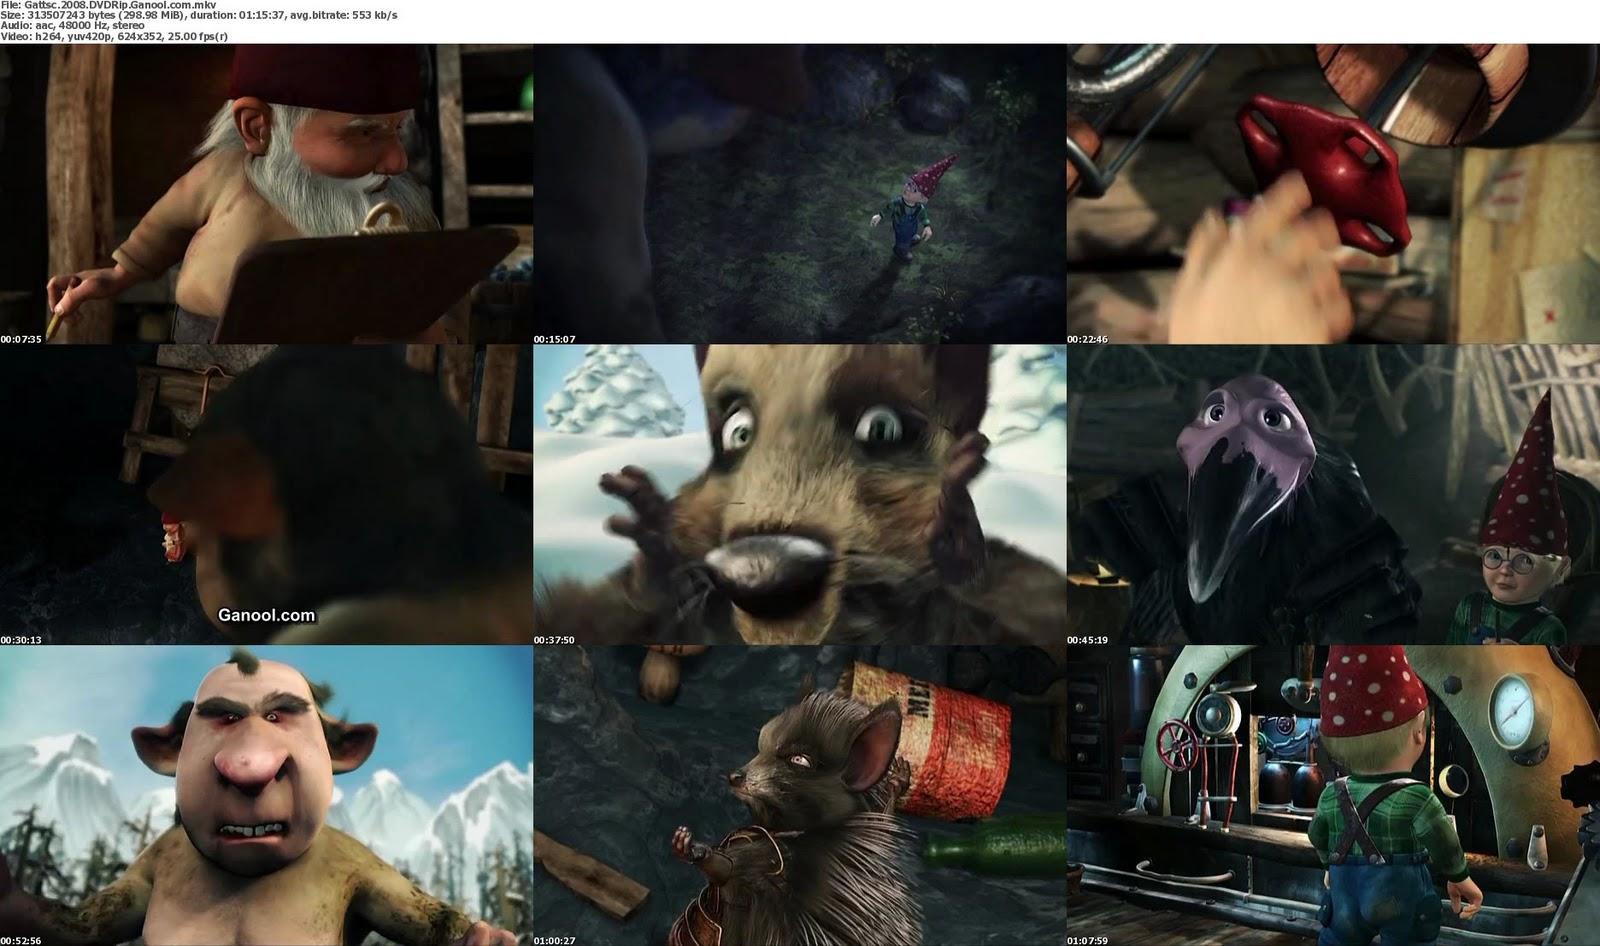 http://4.bp.blogspot.com/-SMNrcffywRA/TWY4taVl7ZI/AAAAAAAAEKM/fFetnpe_vDg/s1600/Gnomes%252Band%252BTrolls%252BThe%252BSecret%252BChamber%252BScreen.jpg